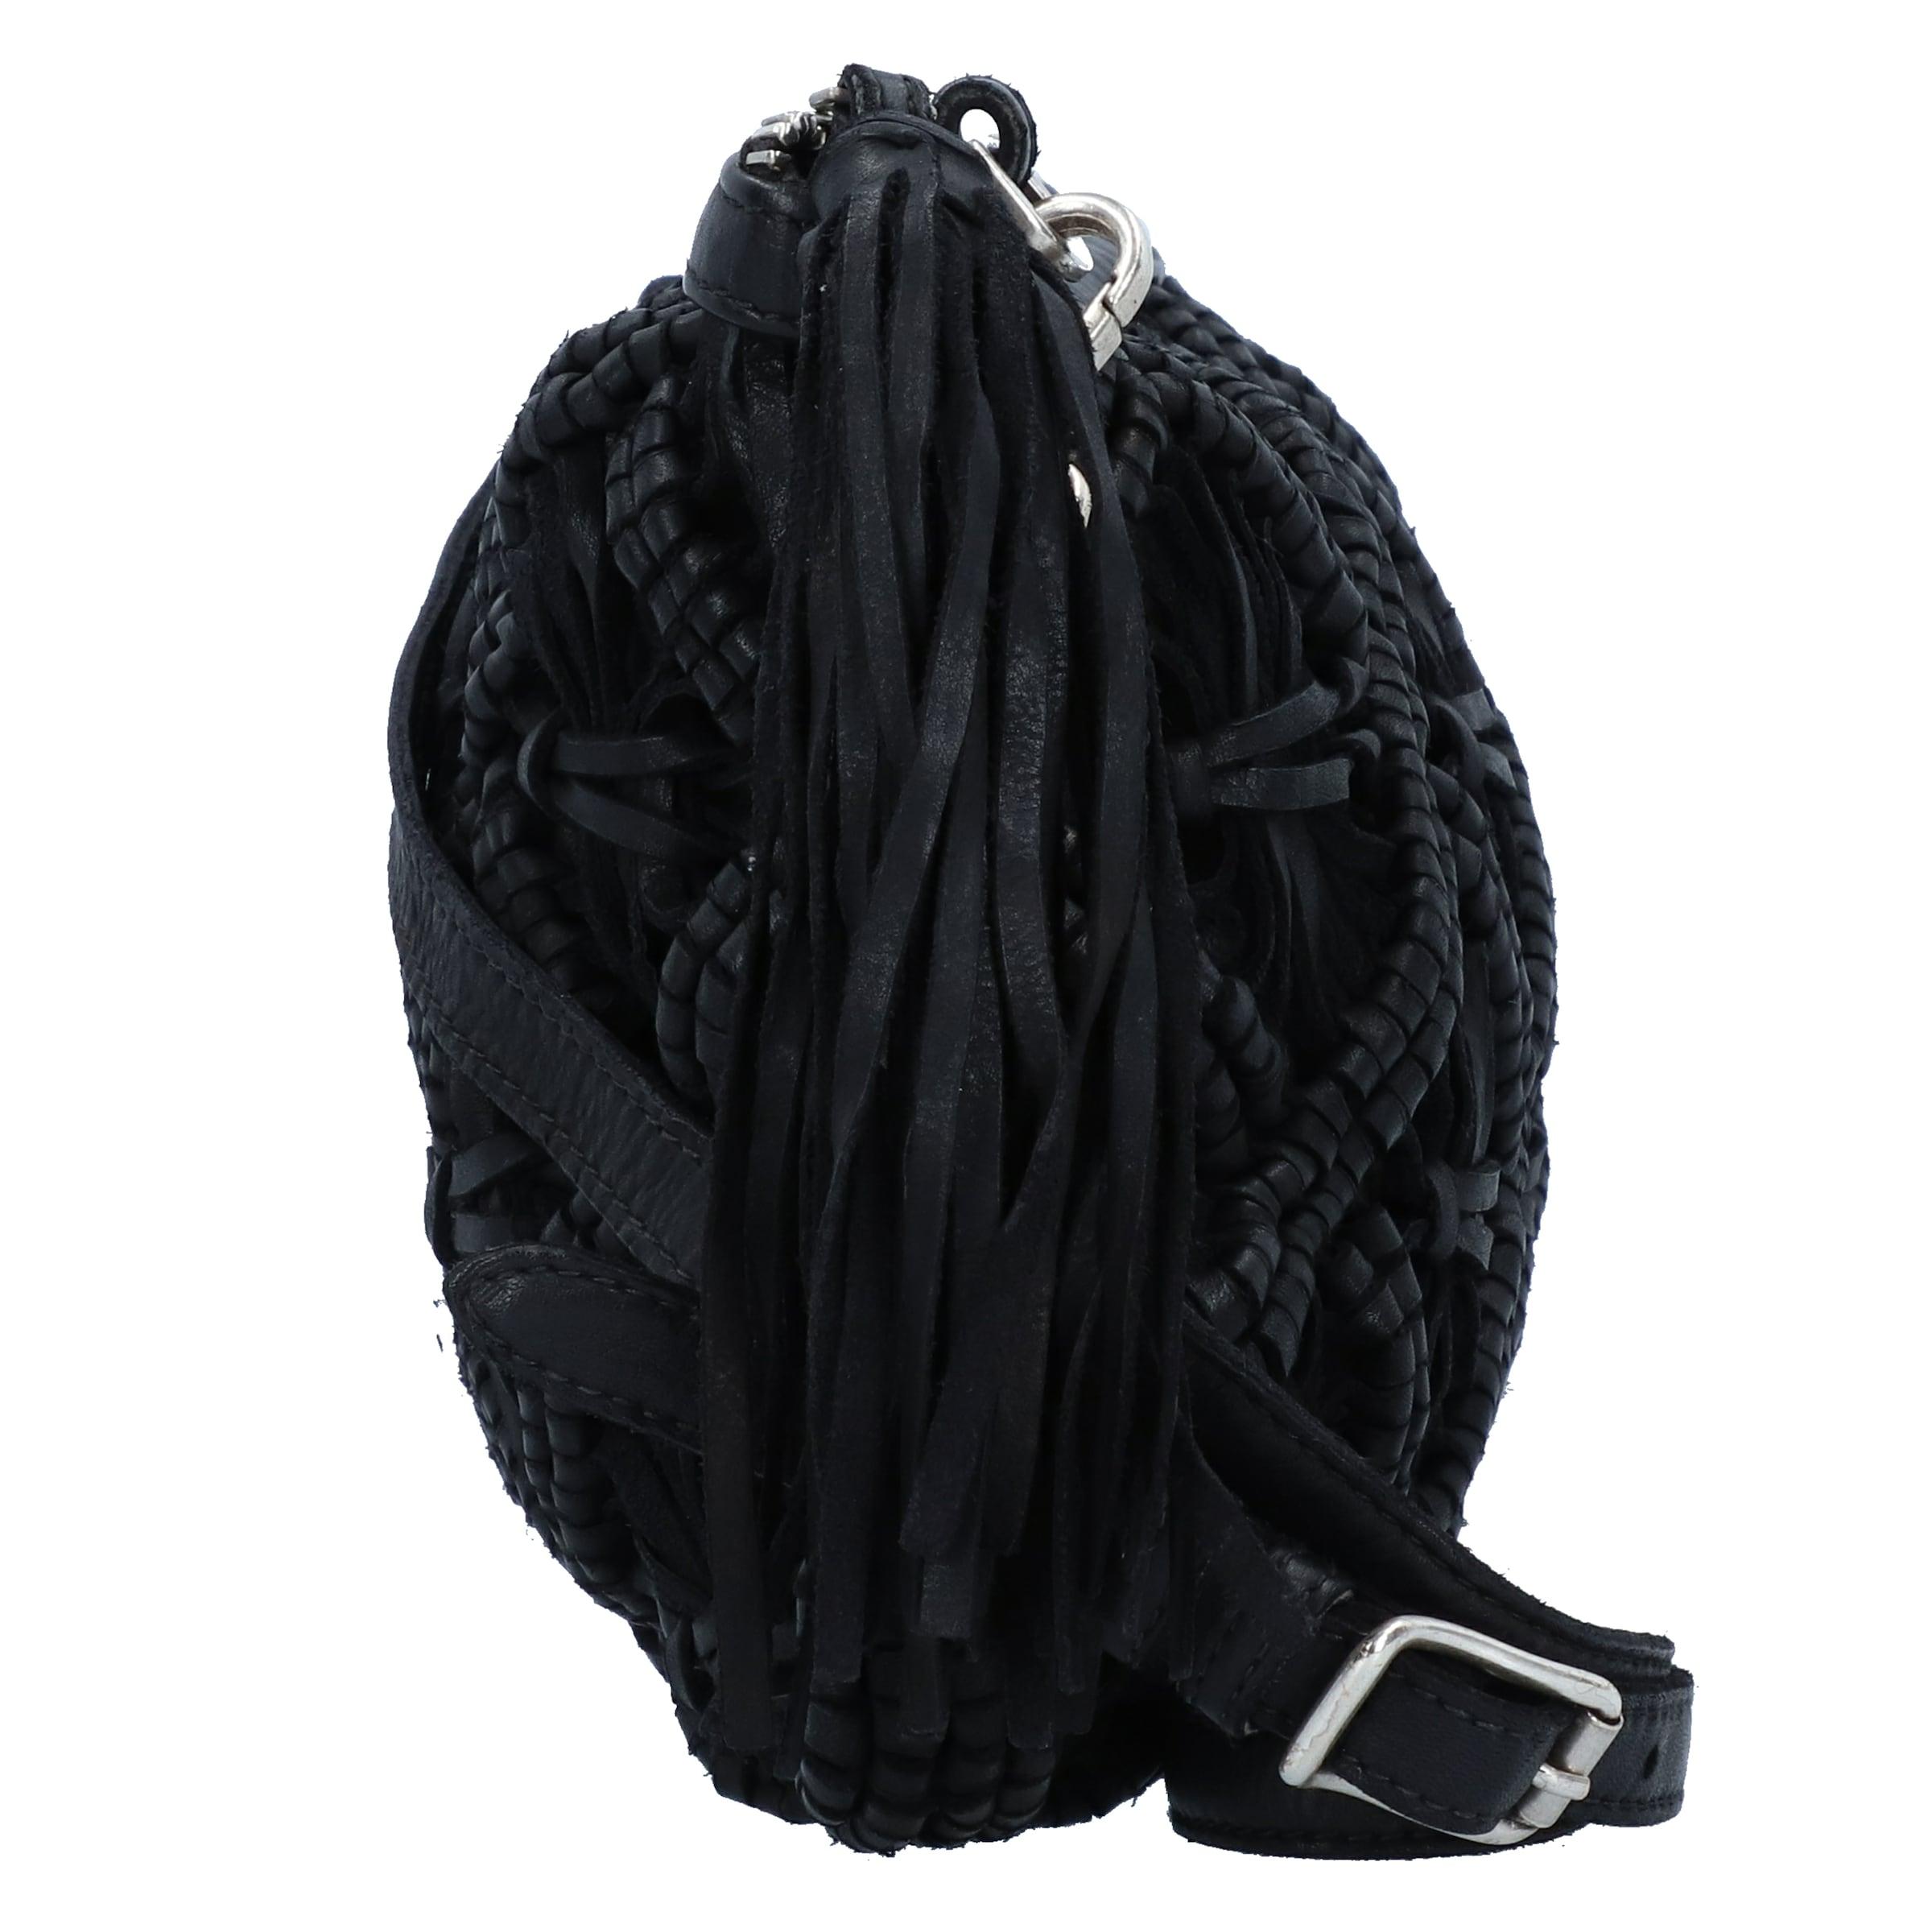 Tasche In Schwarz Caterina In Lucchi Caterina In Lucchi Schwarz Tasche Caterina Tasche Lucchi UpGqzMSV